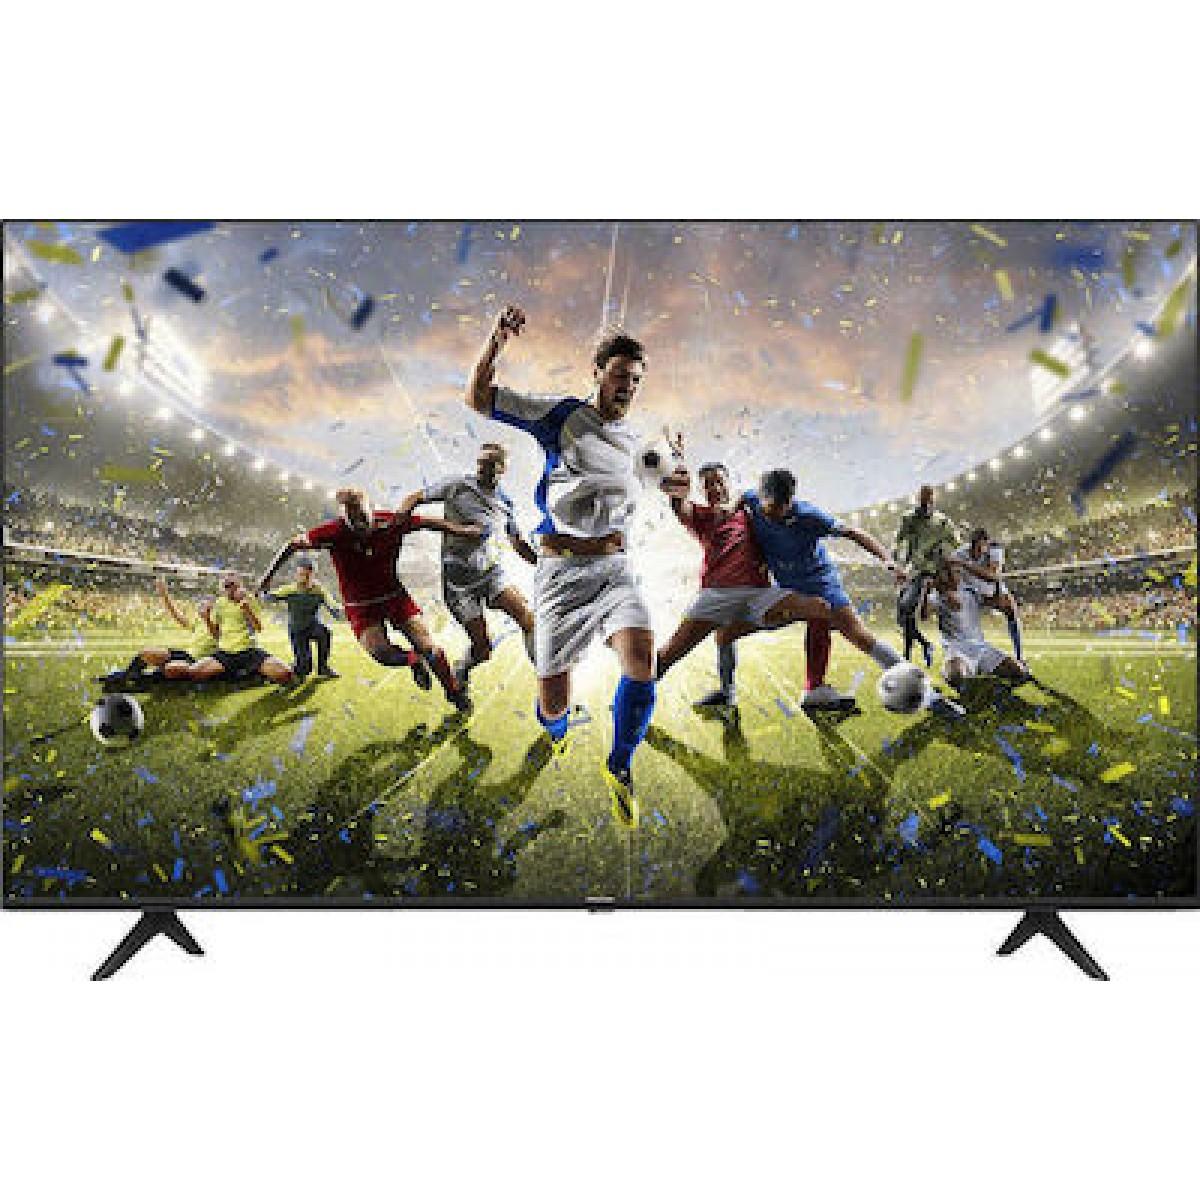 Τηλεόραση Hisense 43A7100F Smart 4K UHD 43'' Τηλεοράσεις